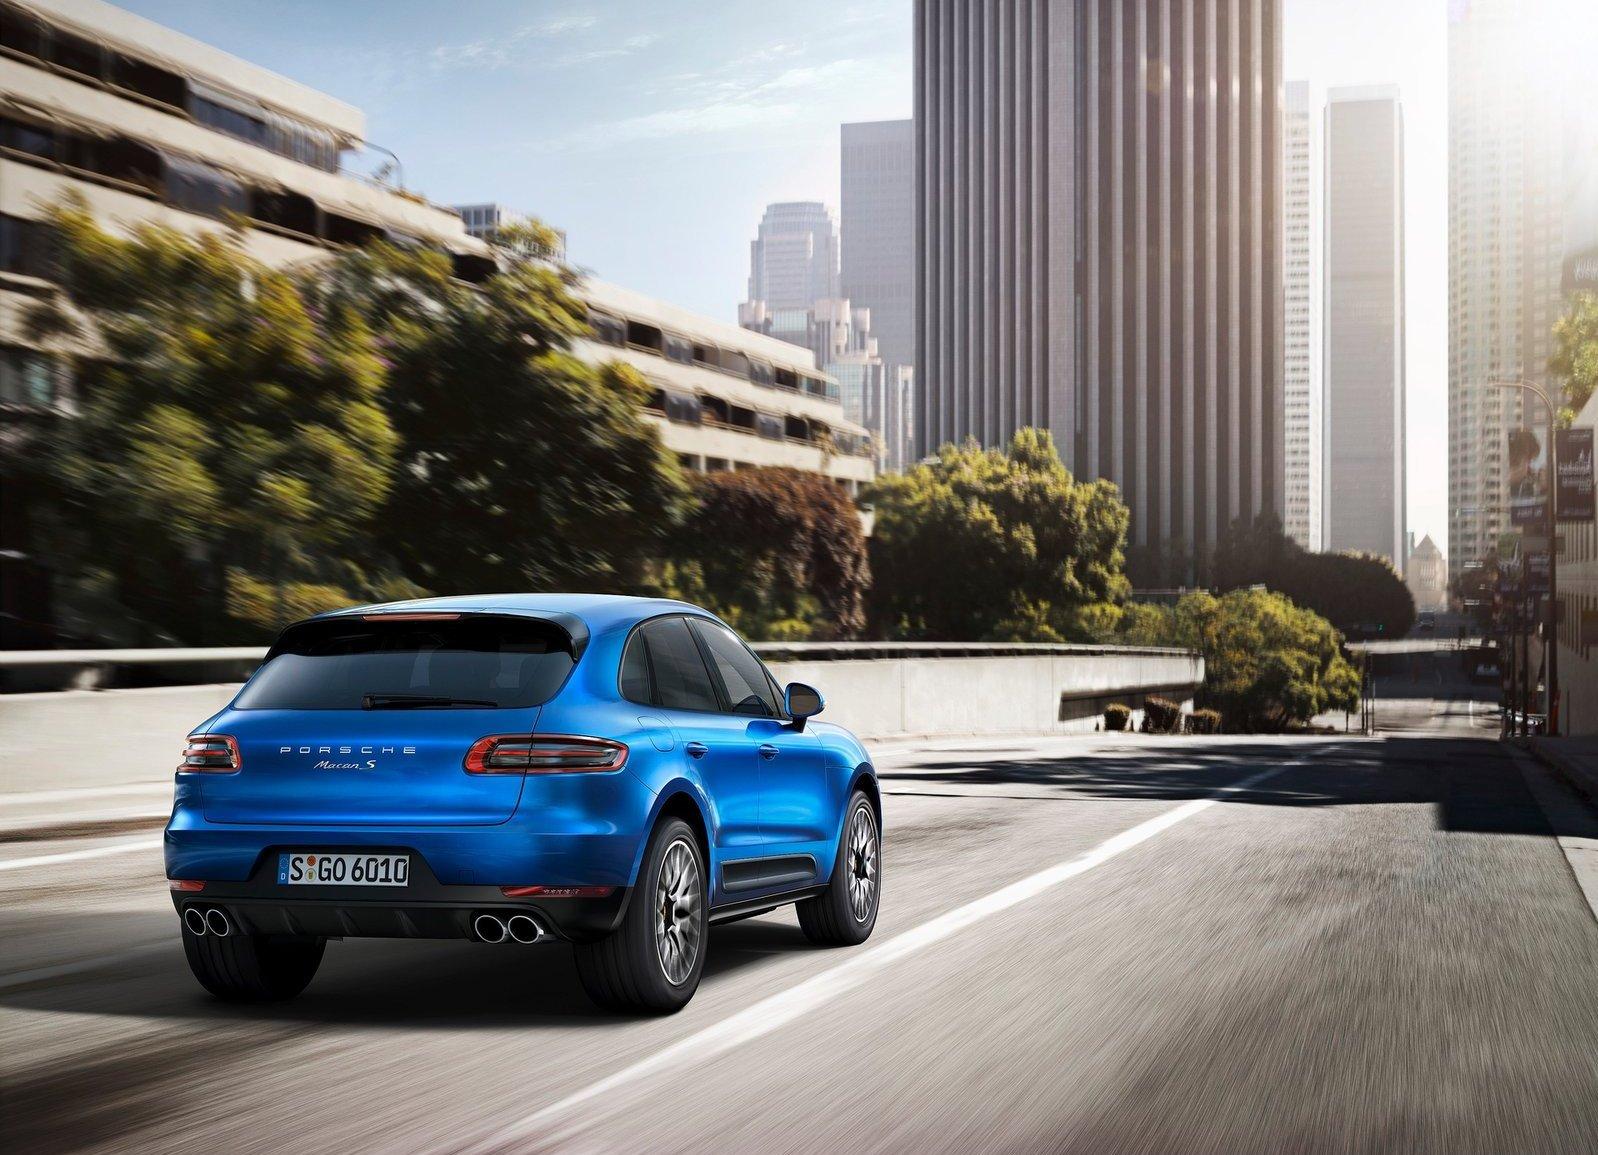 Porsche-Macan_2015_1600x1200_wallpaper_09.jpg